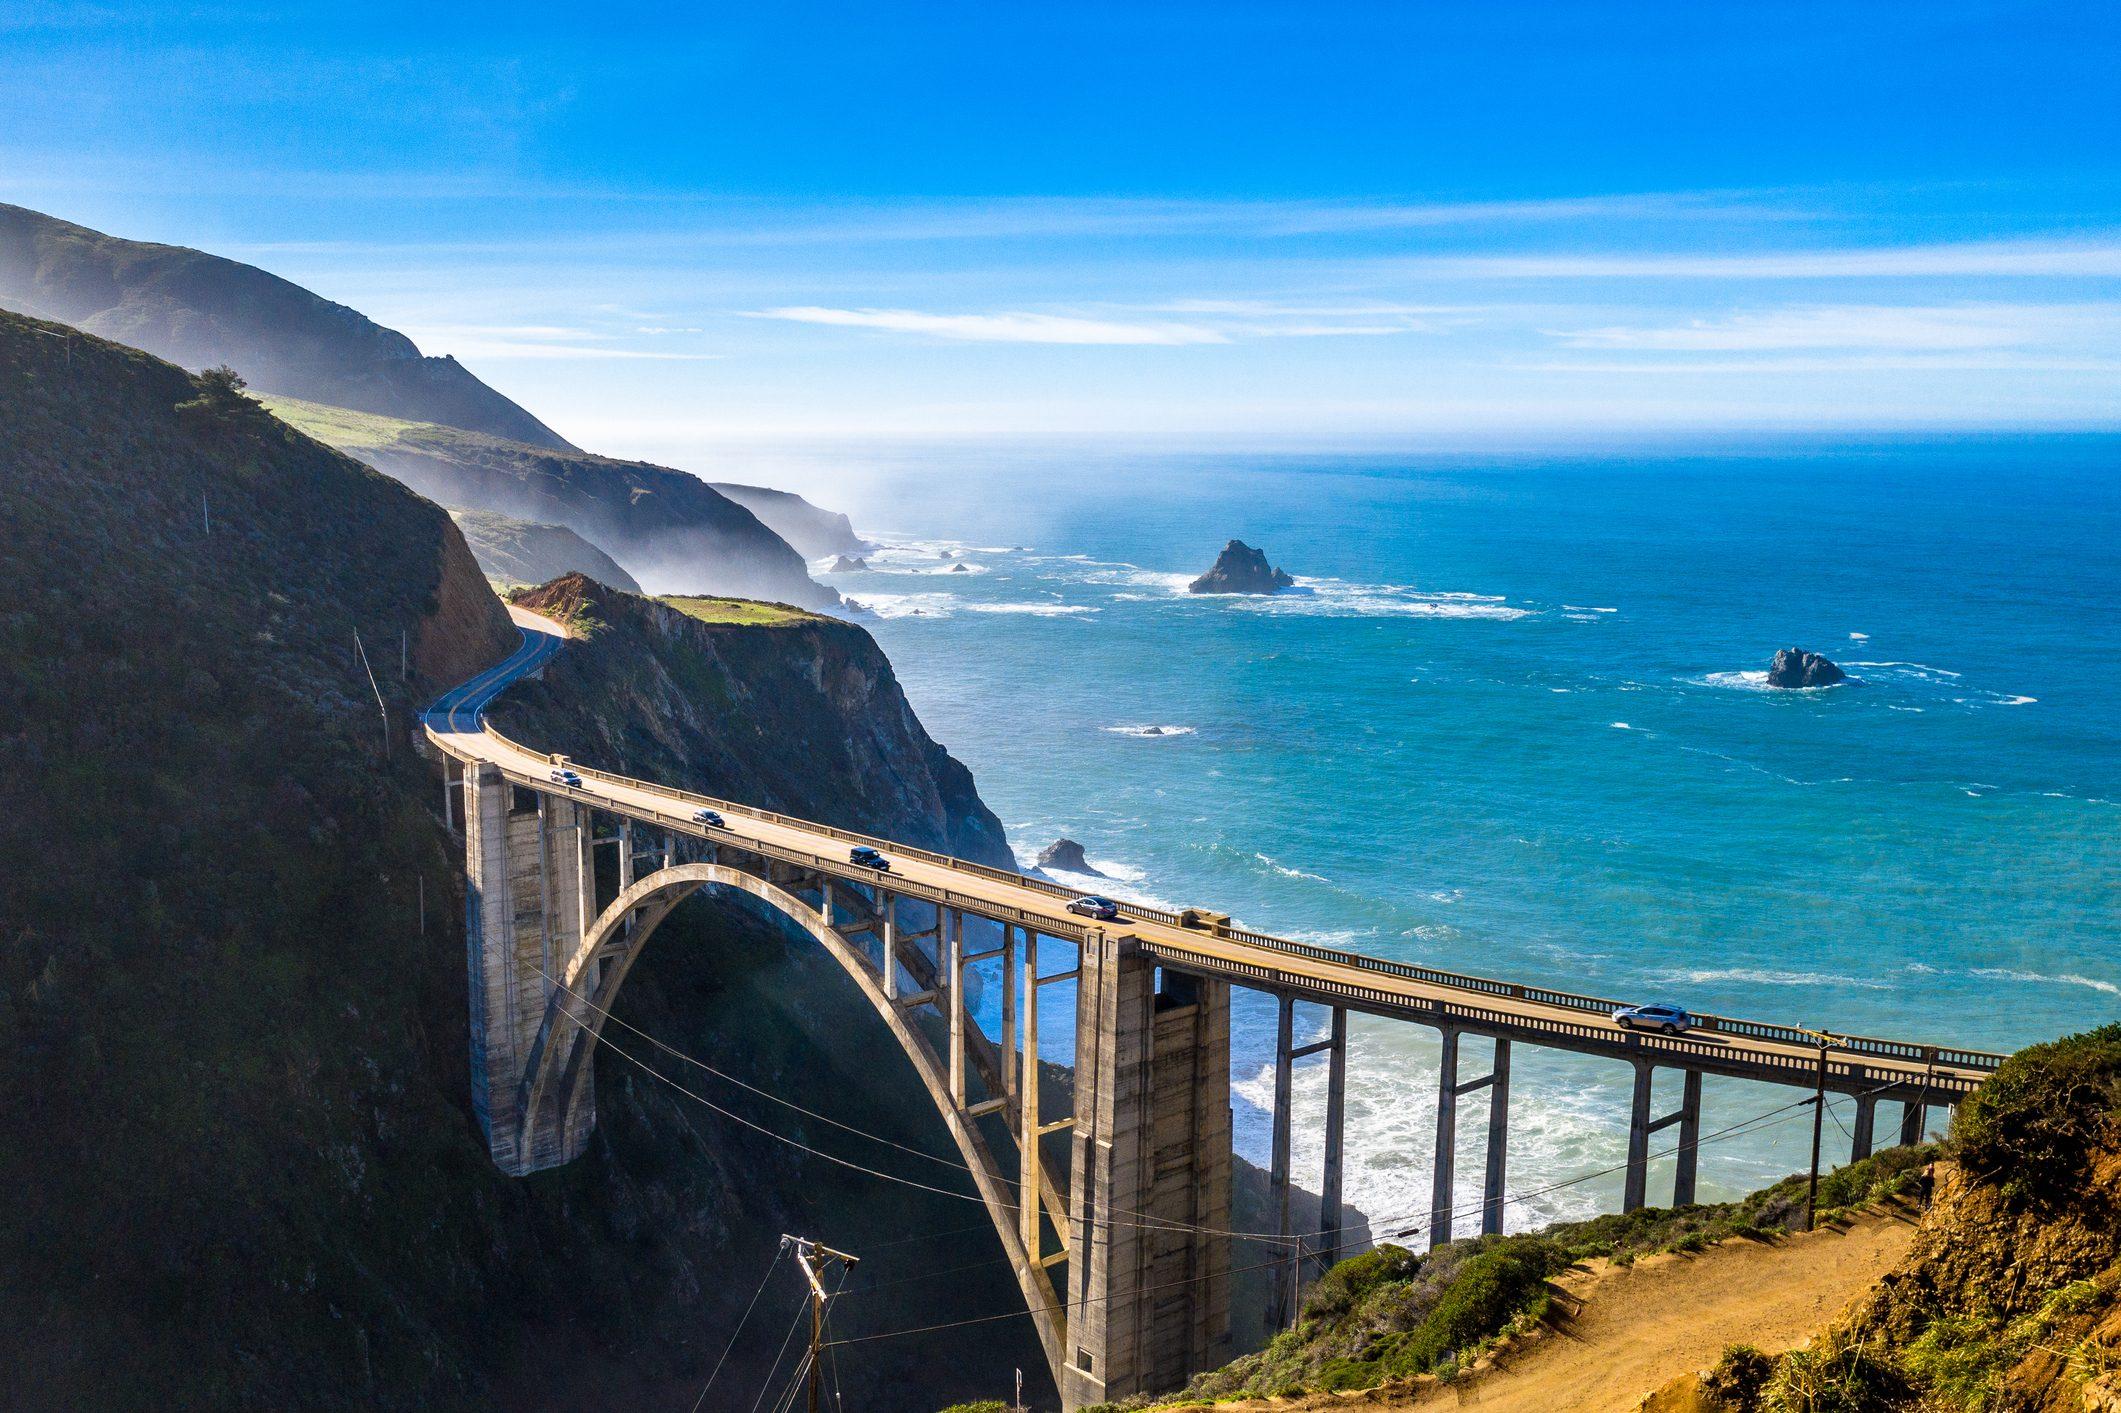 Big Sur Bridge California Ocean Road Costline CA-1 Pacific Coast Highway Drone Shot